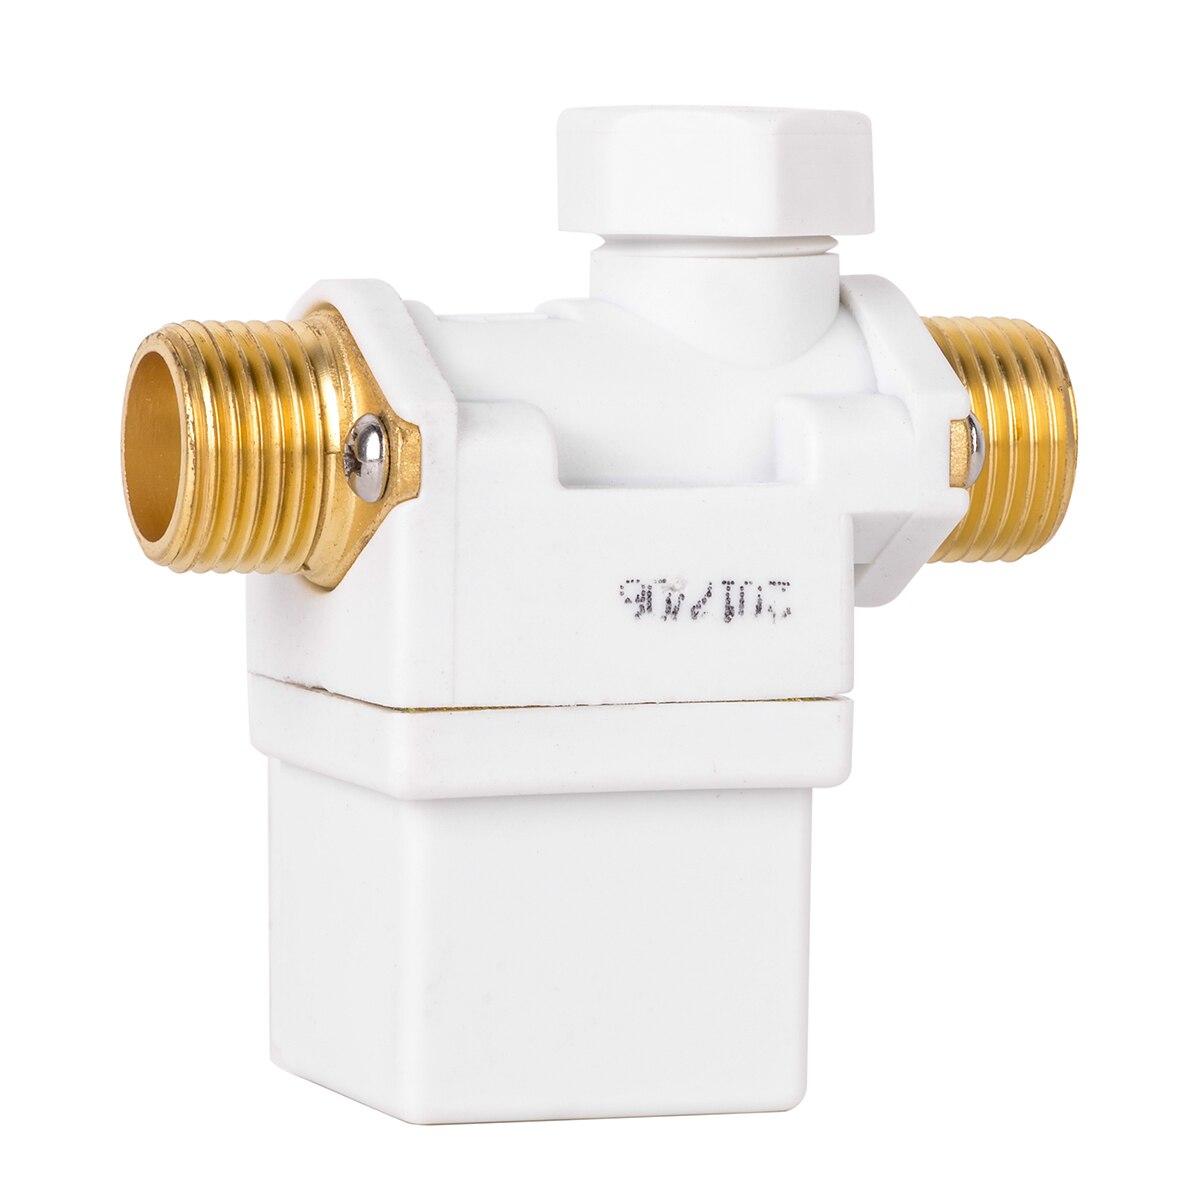 1 stück Neue Praktische Elektrische Magnetventil AC 220 v Wasser Luft N/C Normal Geschlossen 0-0.8Mpa membran Ventile für 1/2